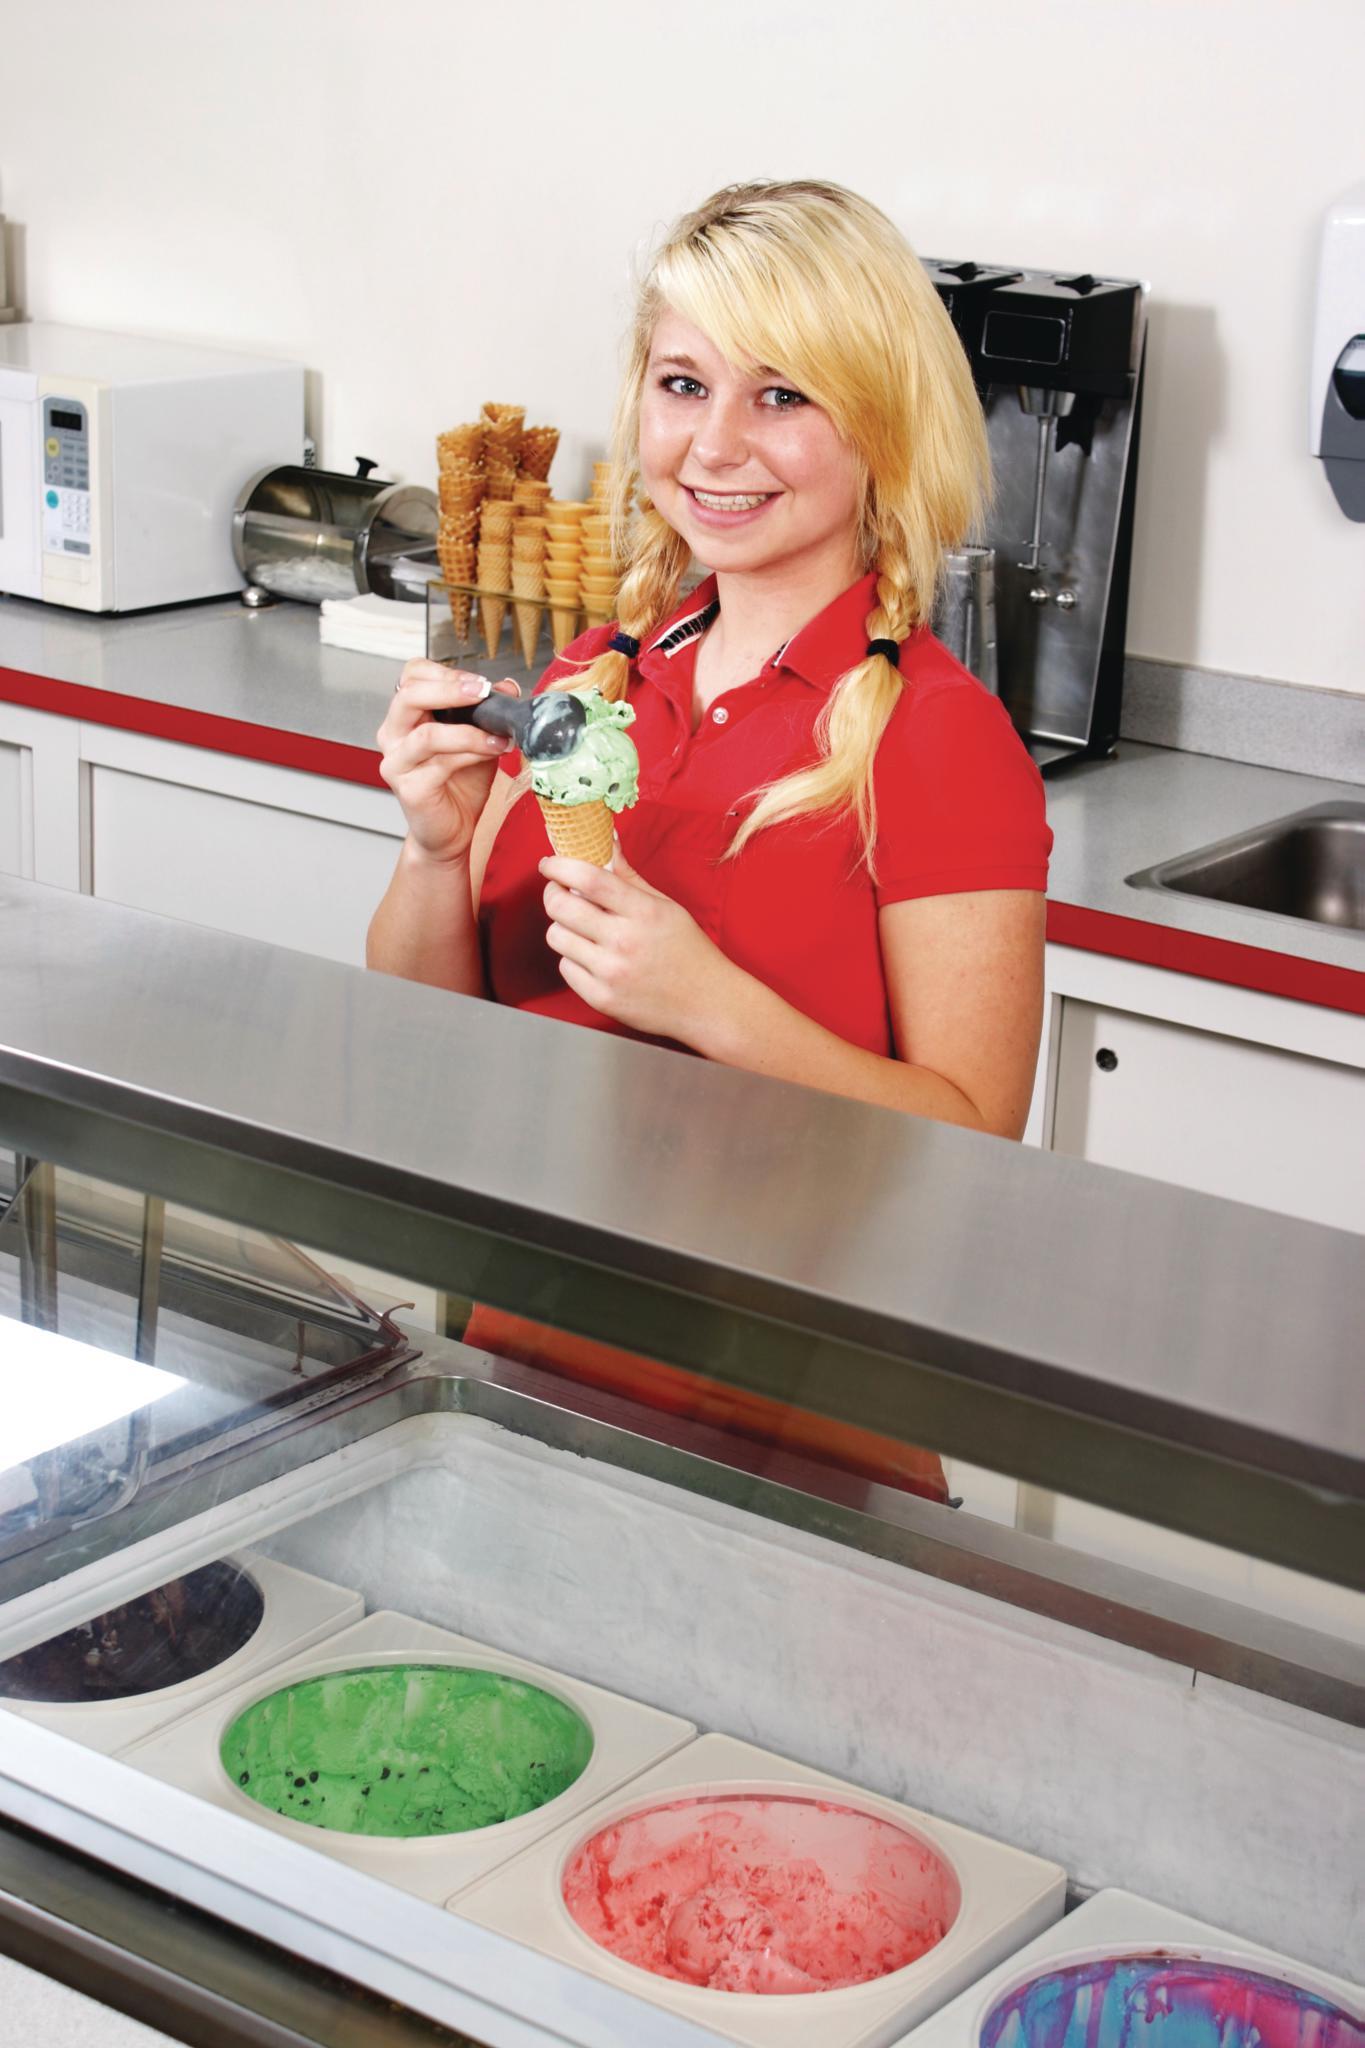 Carrefour Jeunesse Emploi Saguenay in La Baie